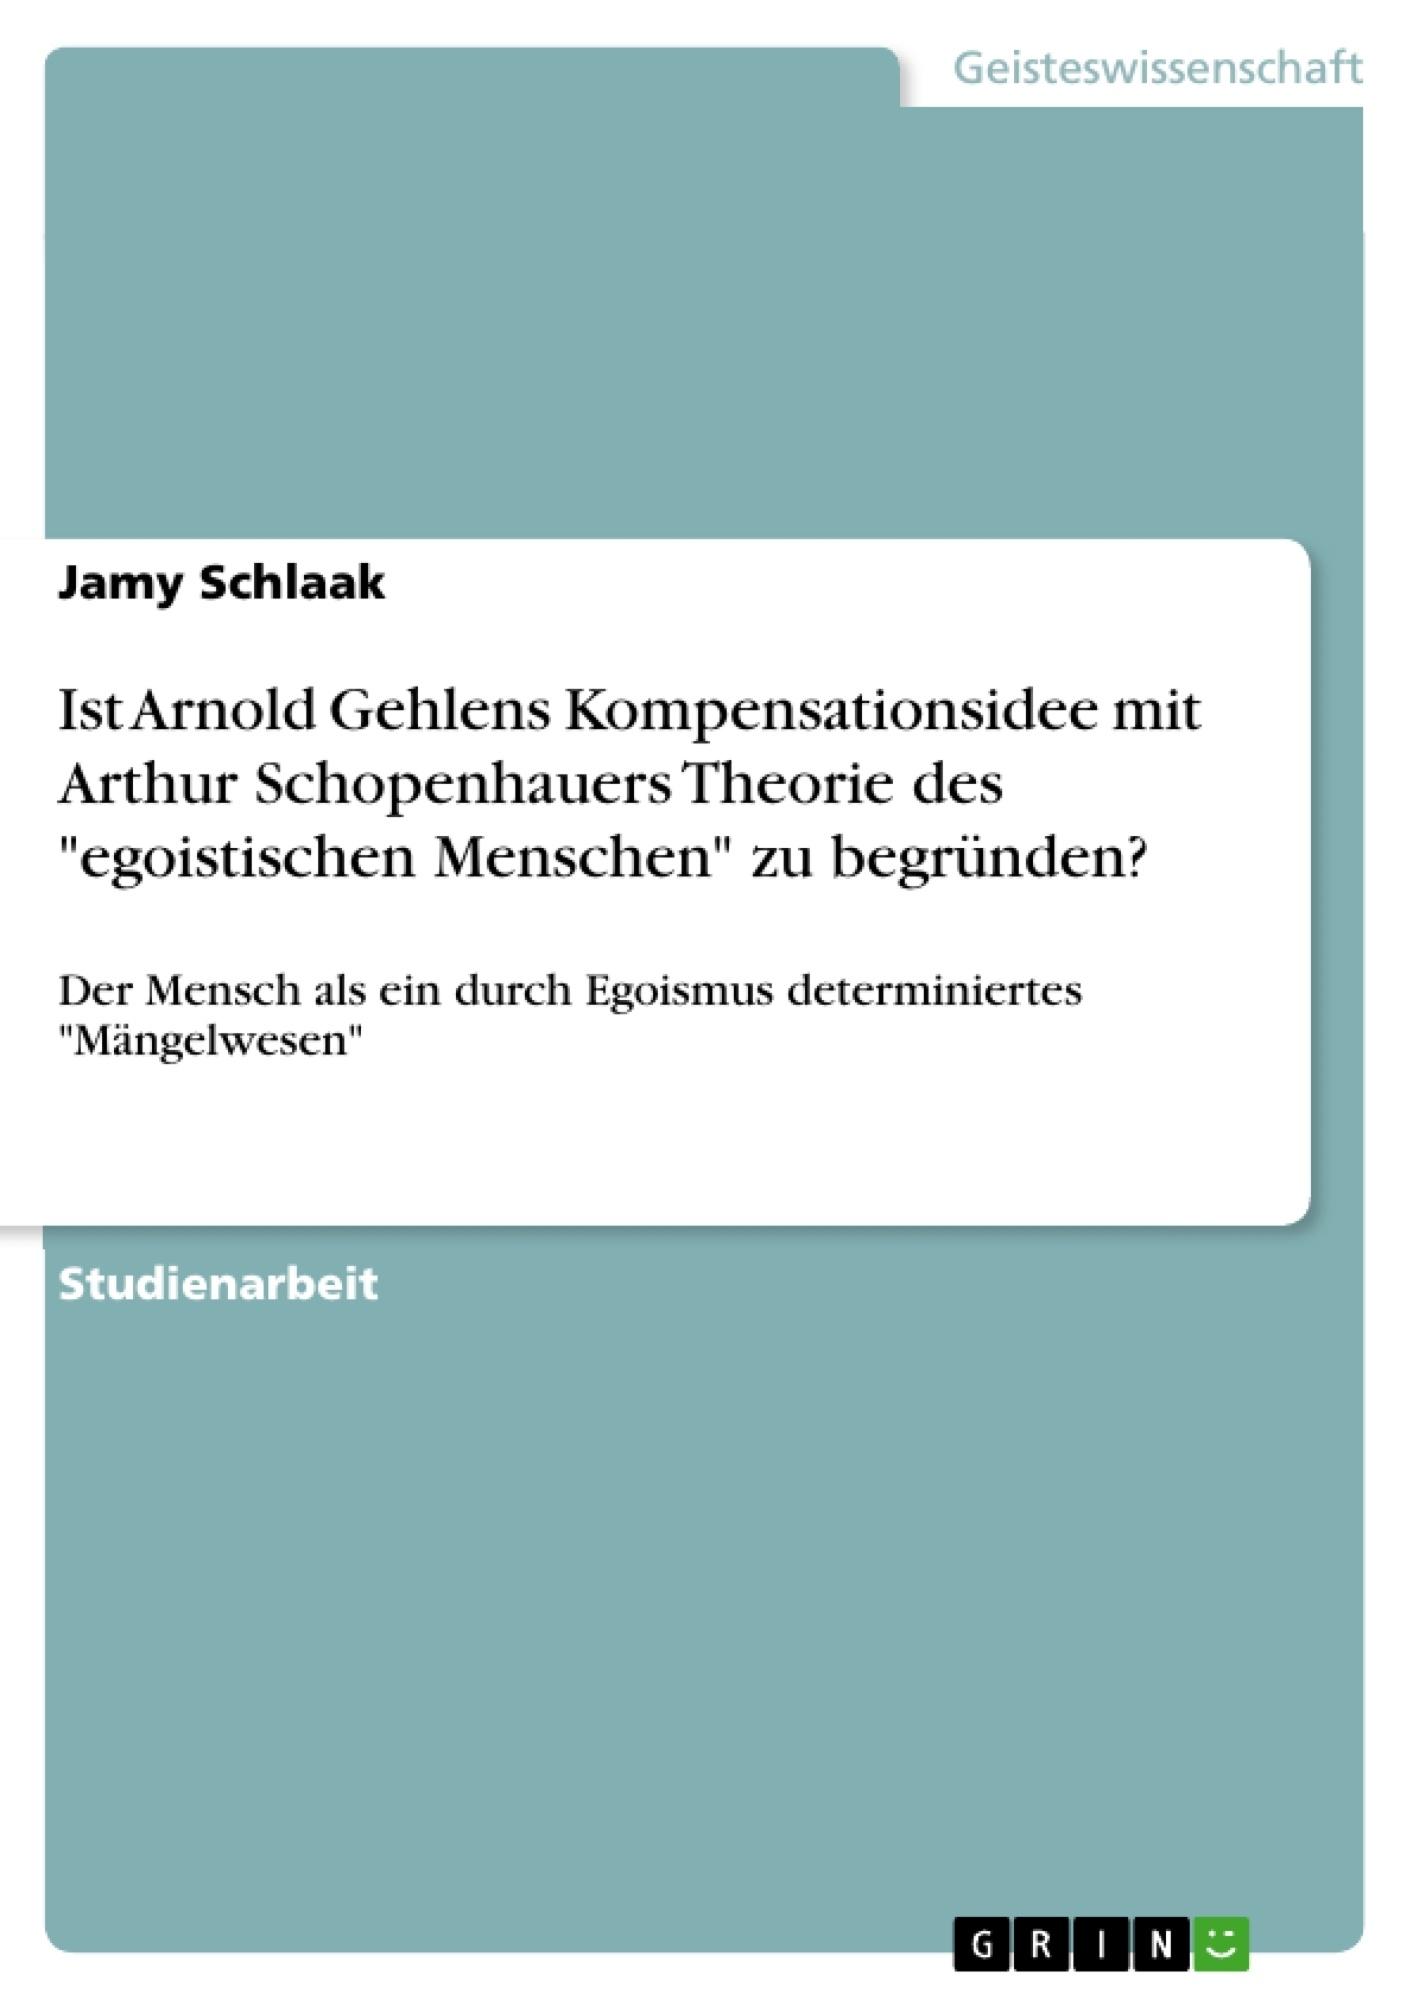 """Titel: Ist Arnold Gehlens Kompensationsidee mit Arthur Schopenhauers Theorie des """"egoistischen Menschen"""" zu  begründen?"""